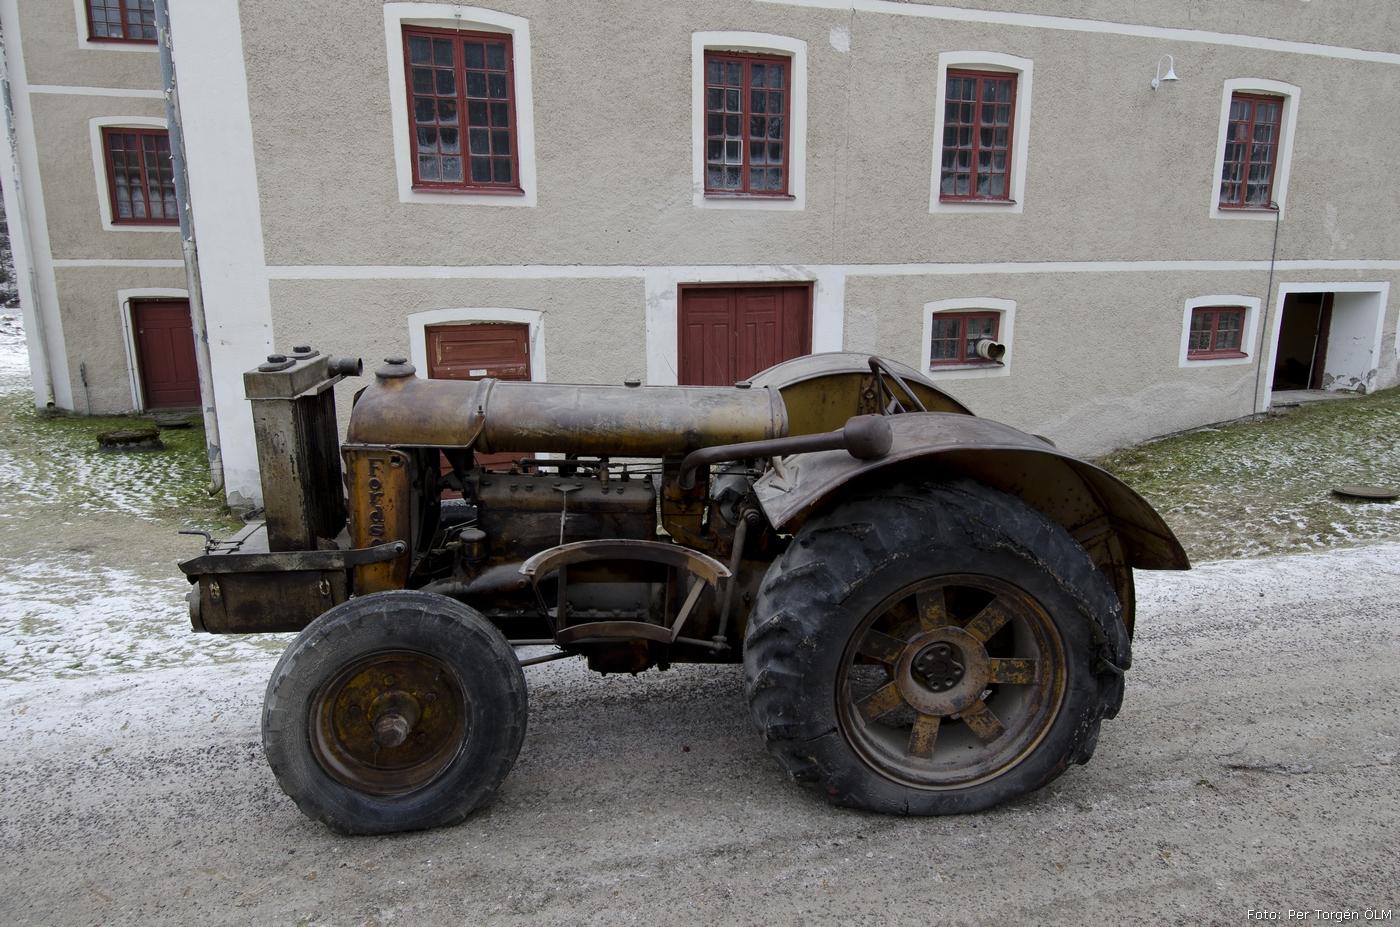 2012-02-10_114_Tekniska_kvarnen